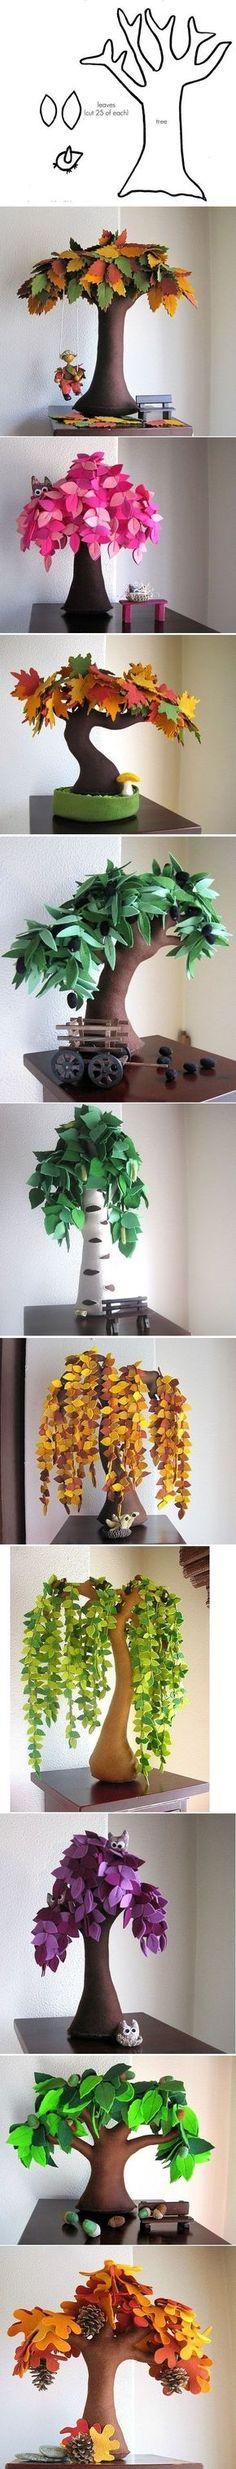 try to make a felt tree